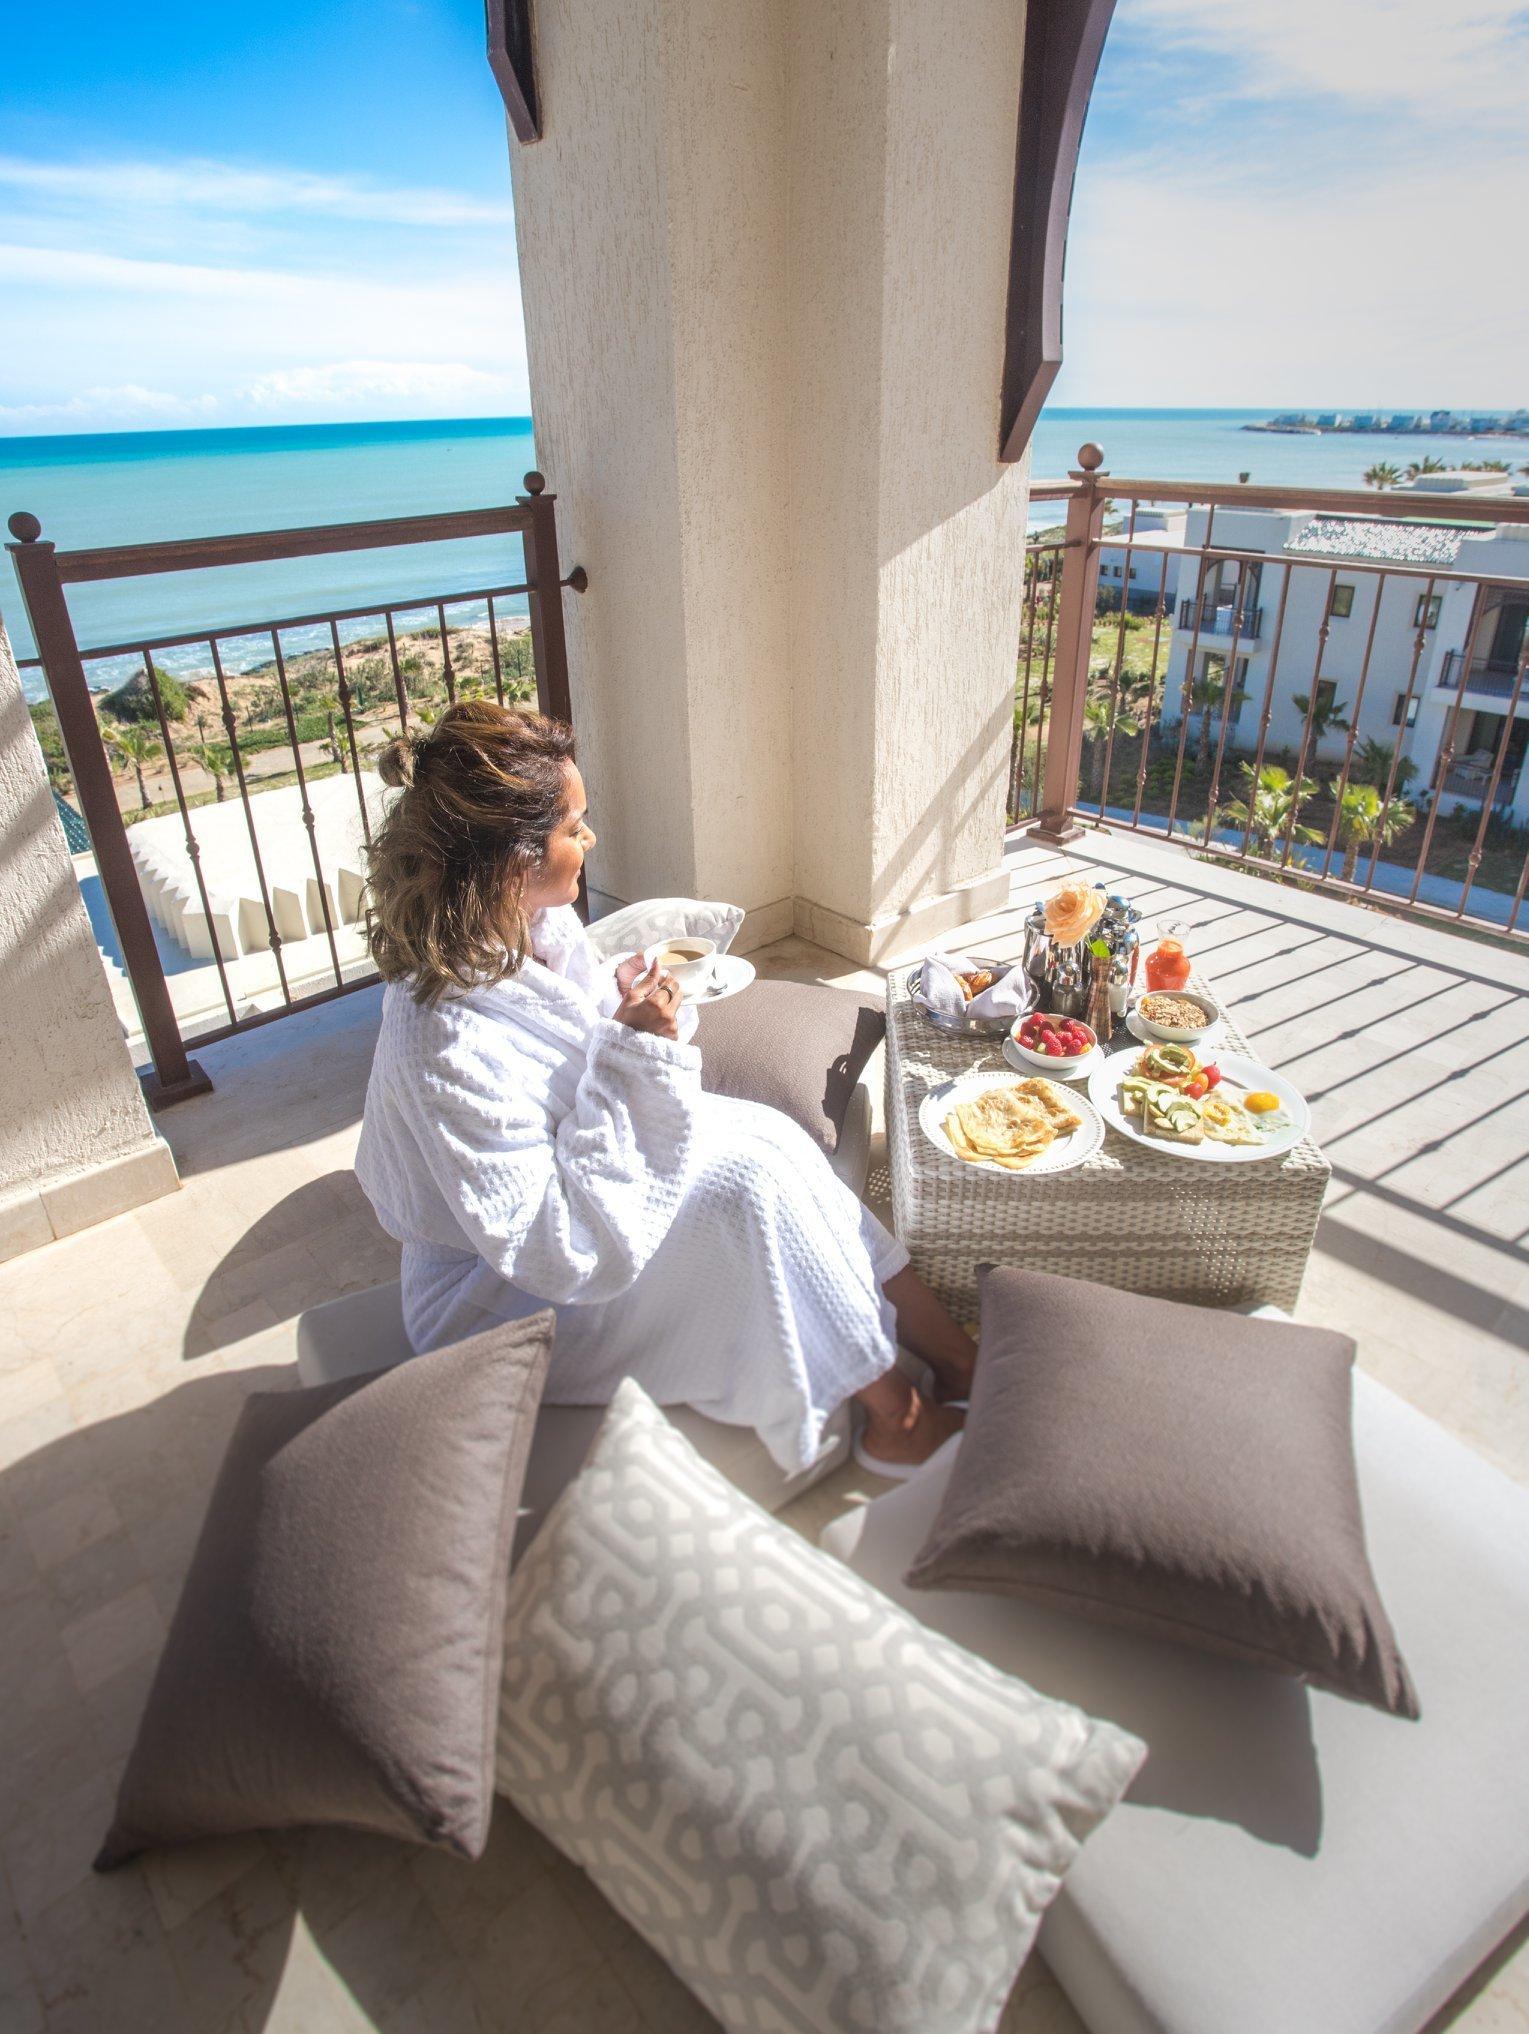 Tourisme: Plus de luxe, un meilleur service, une culture et un patrimoine à valoriser...le nouveau départ du secteur décrit p...